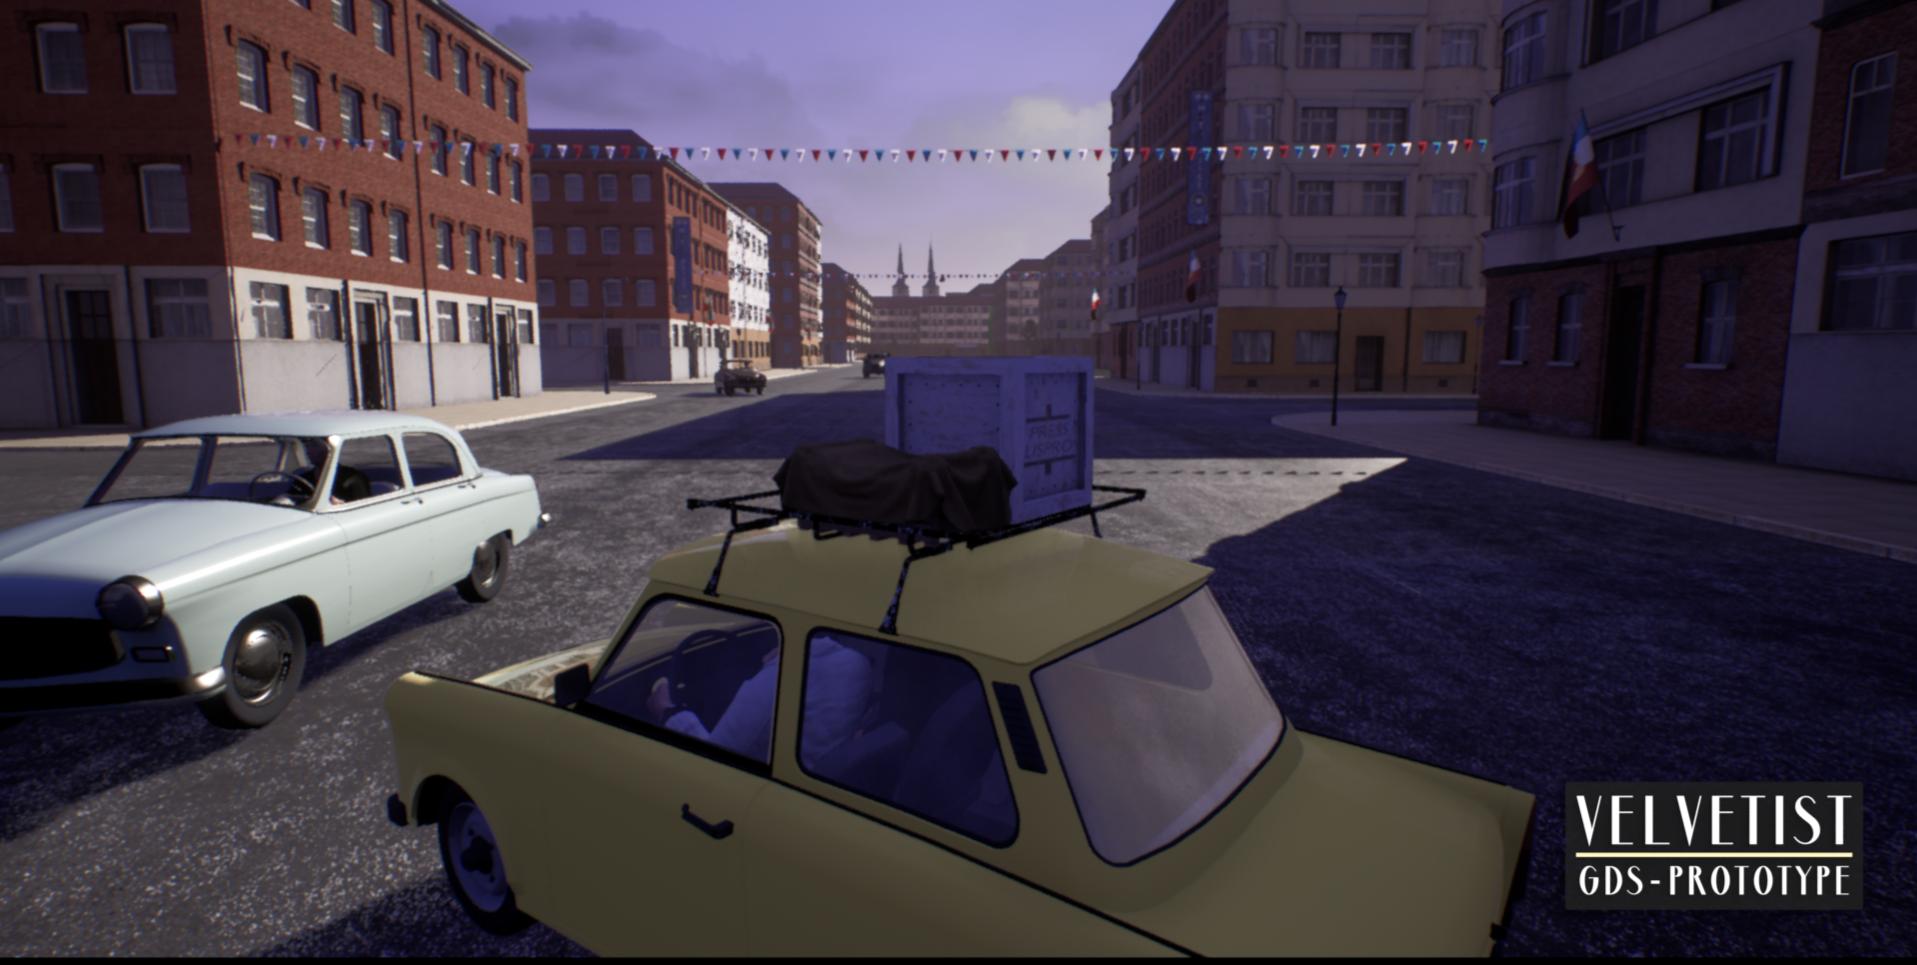 Vzniká český nástupce hry Mafia jménem Velvetist